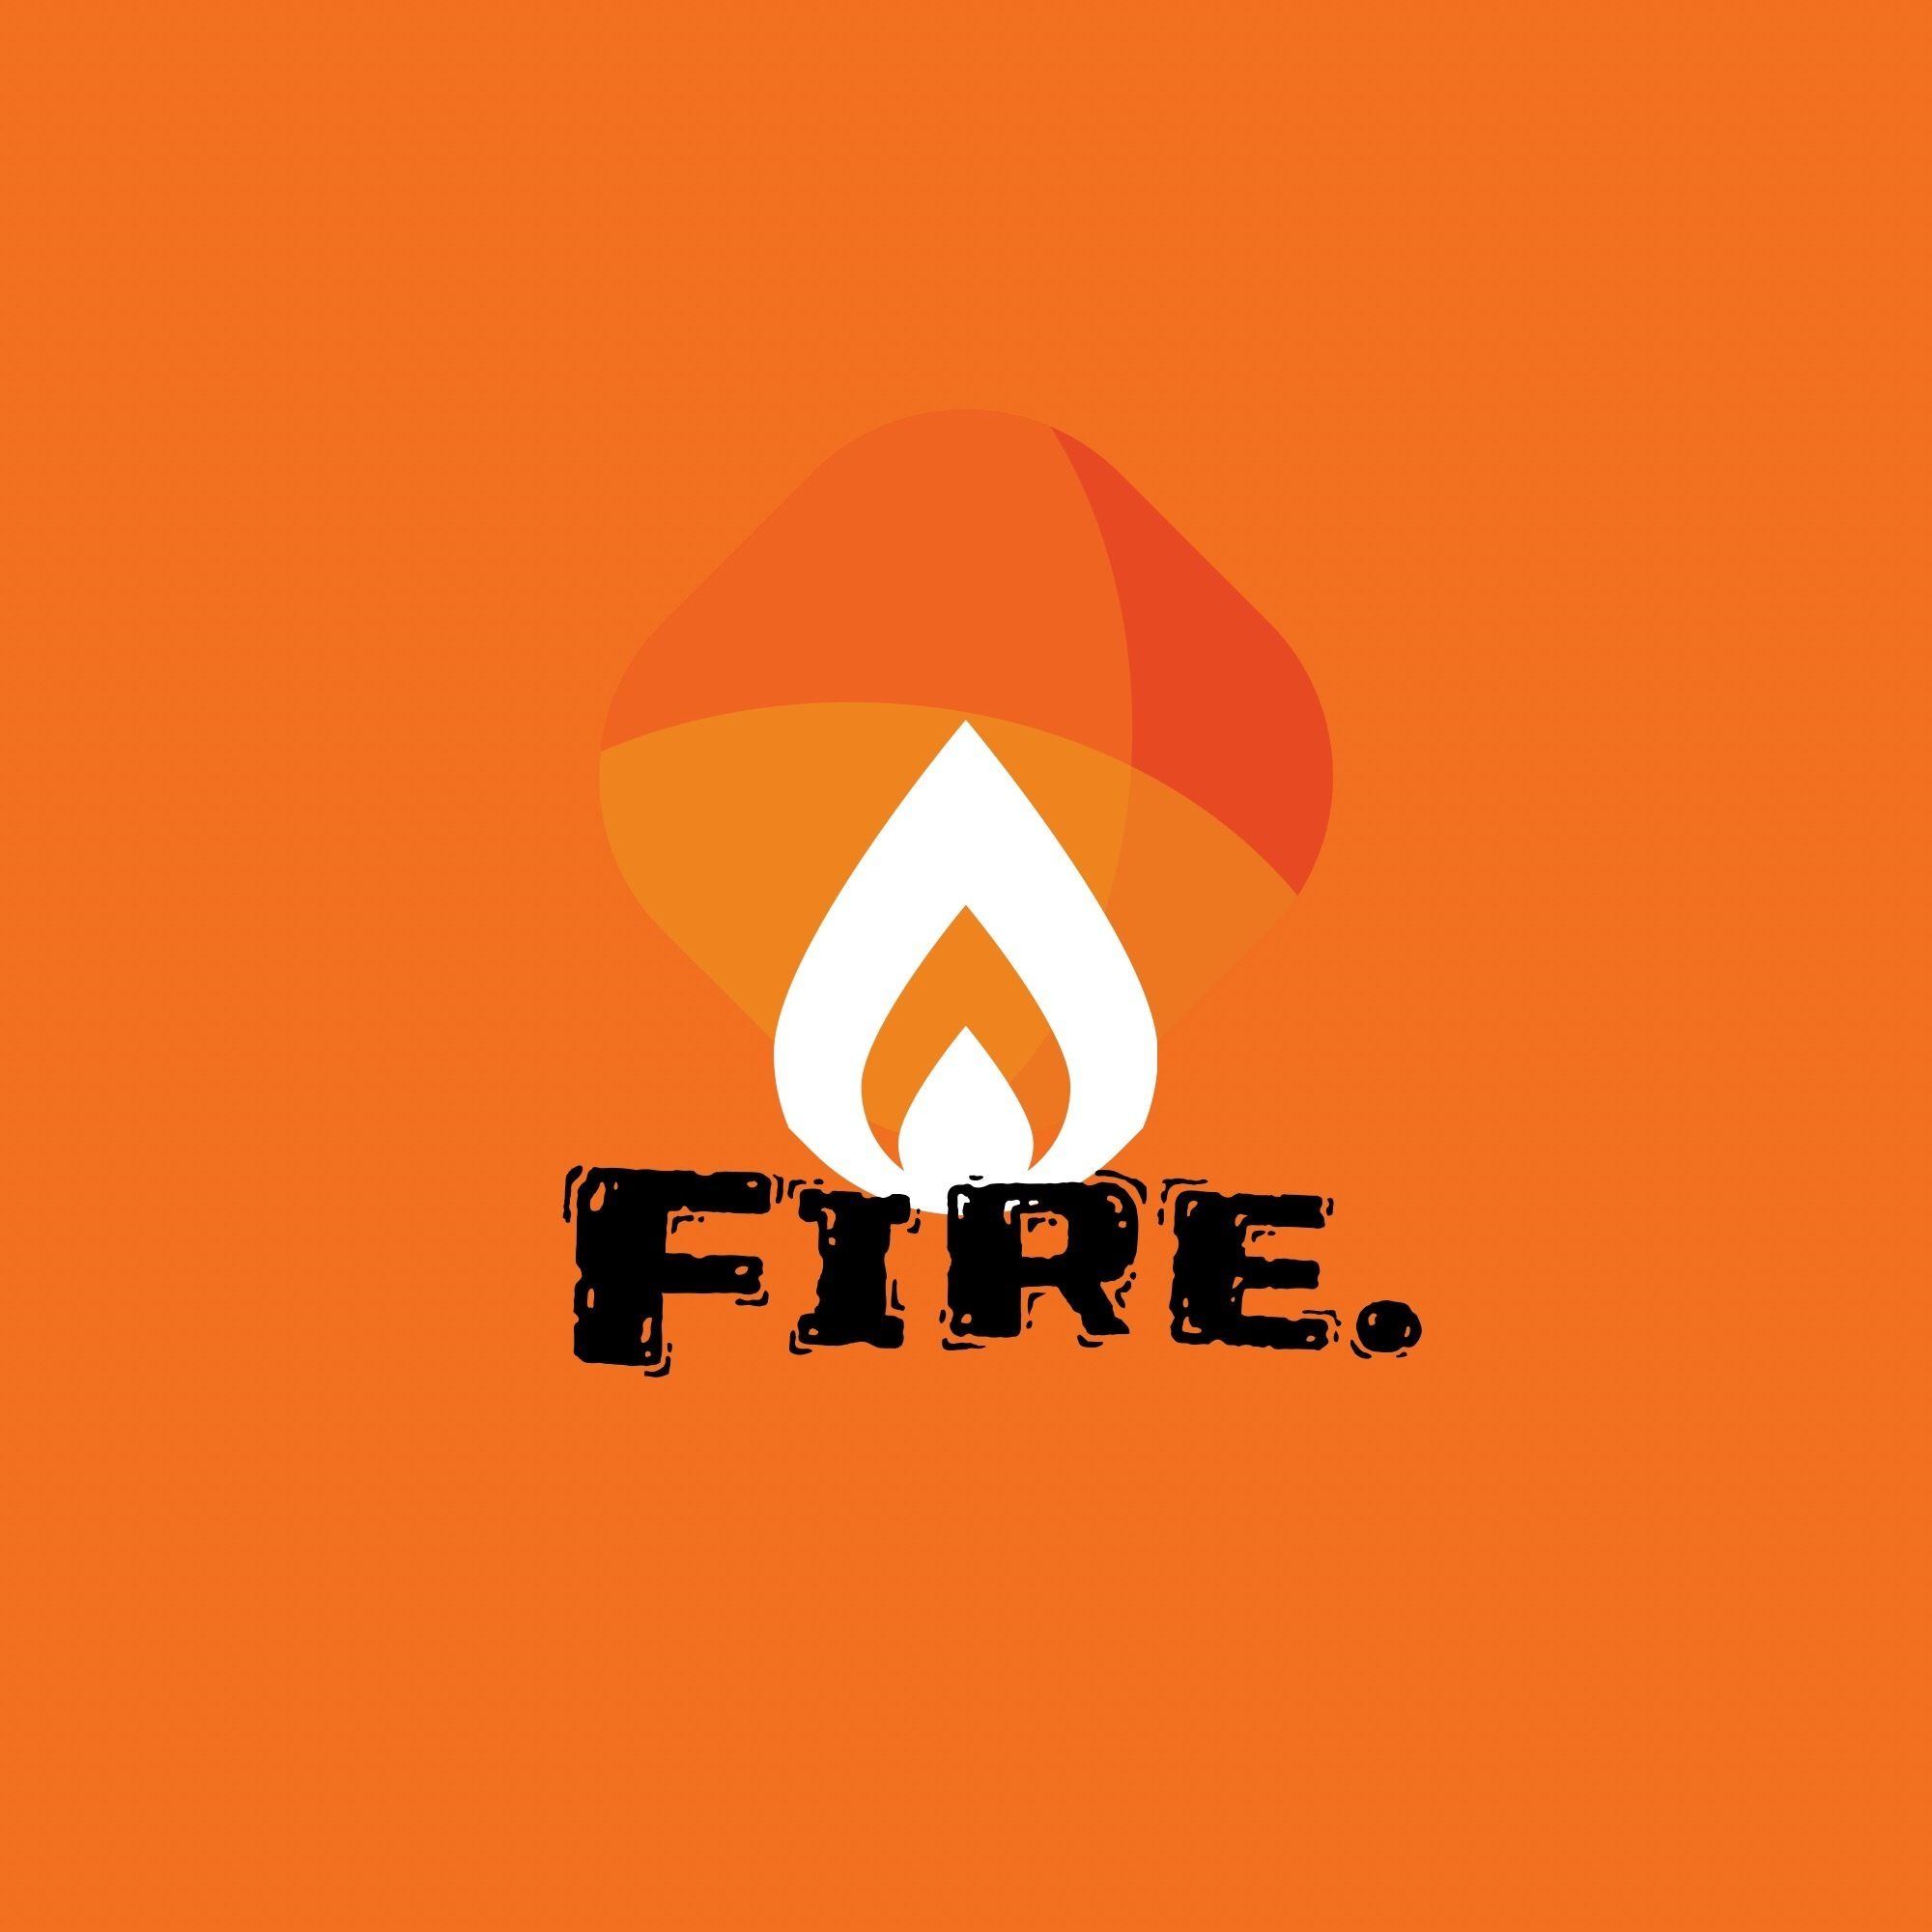 Fire.